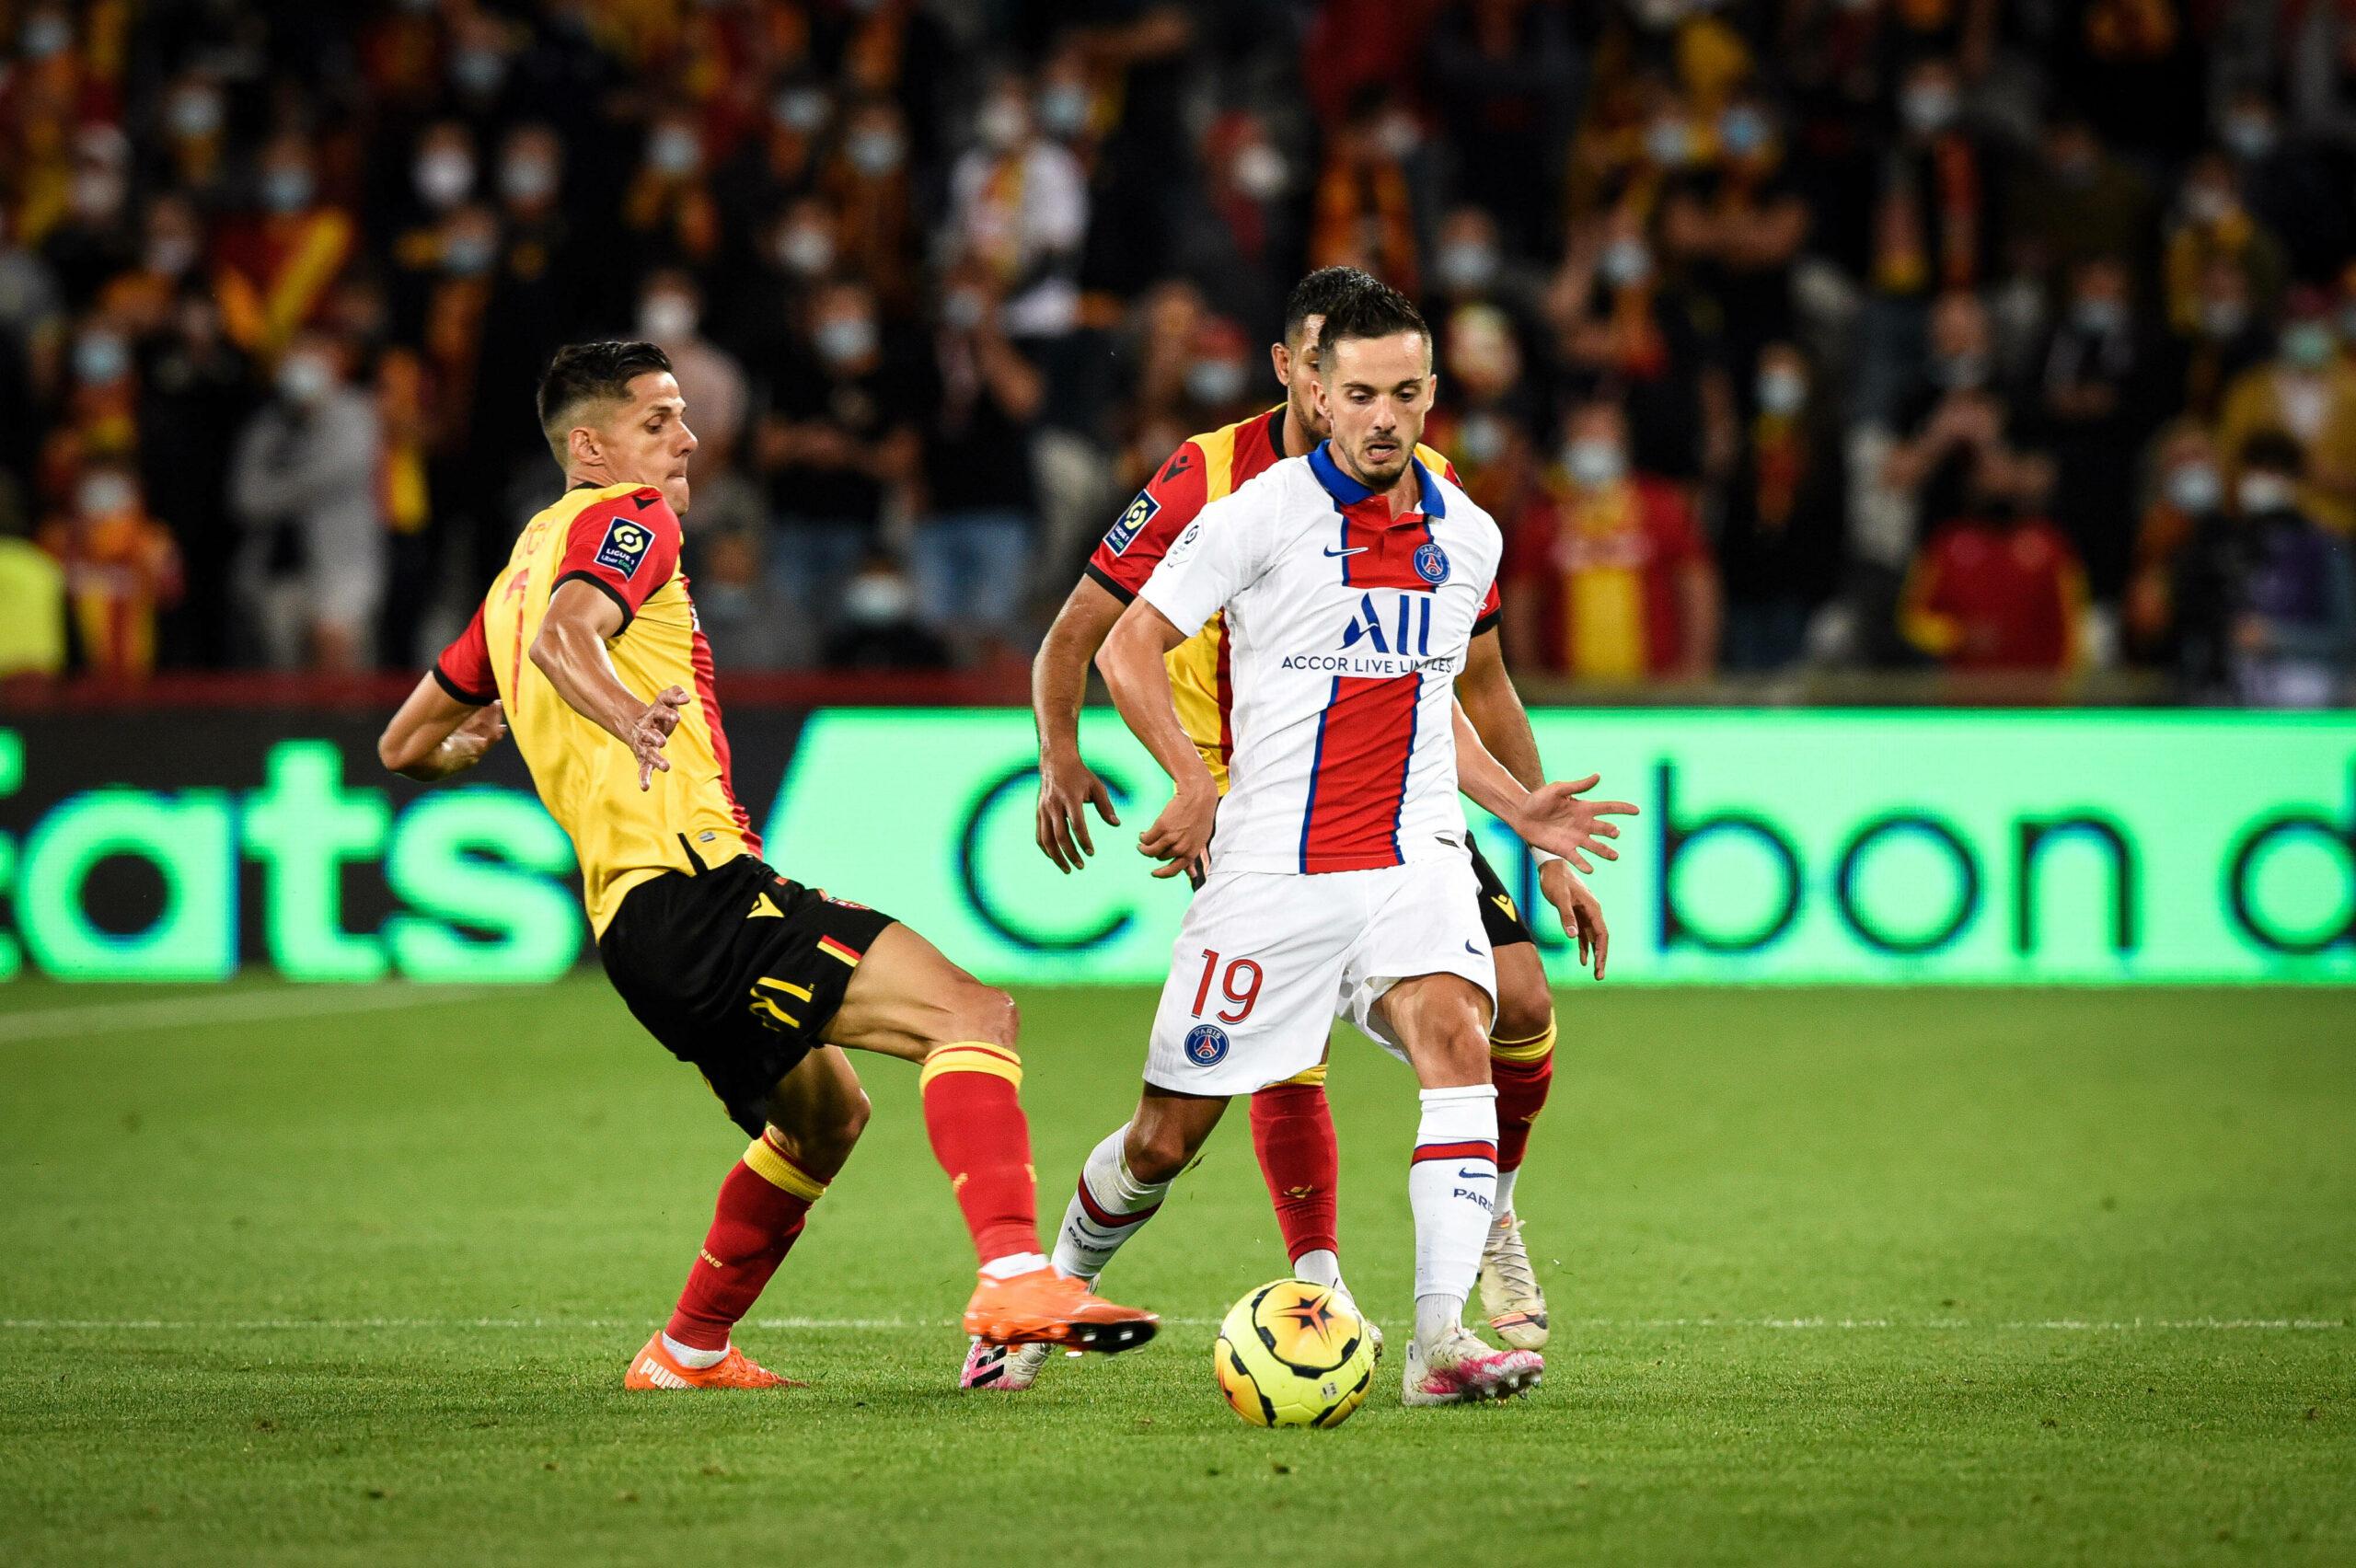 Pablo Sarabia (PSG) im Zweikampf mit Spielern des RC Lens